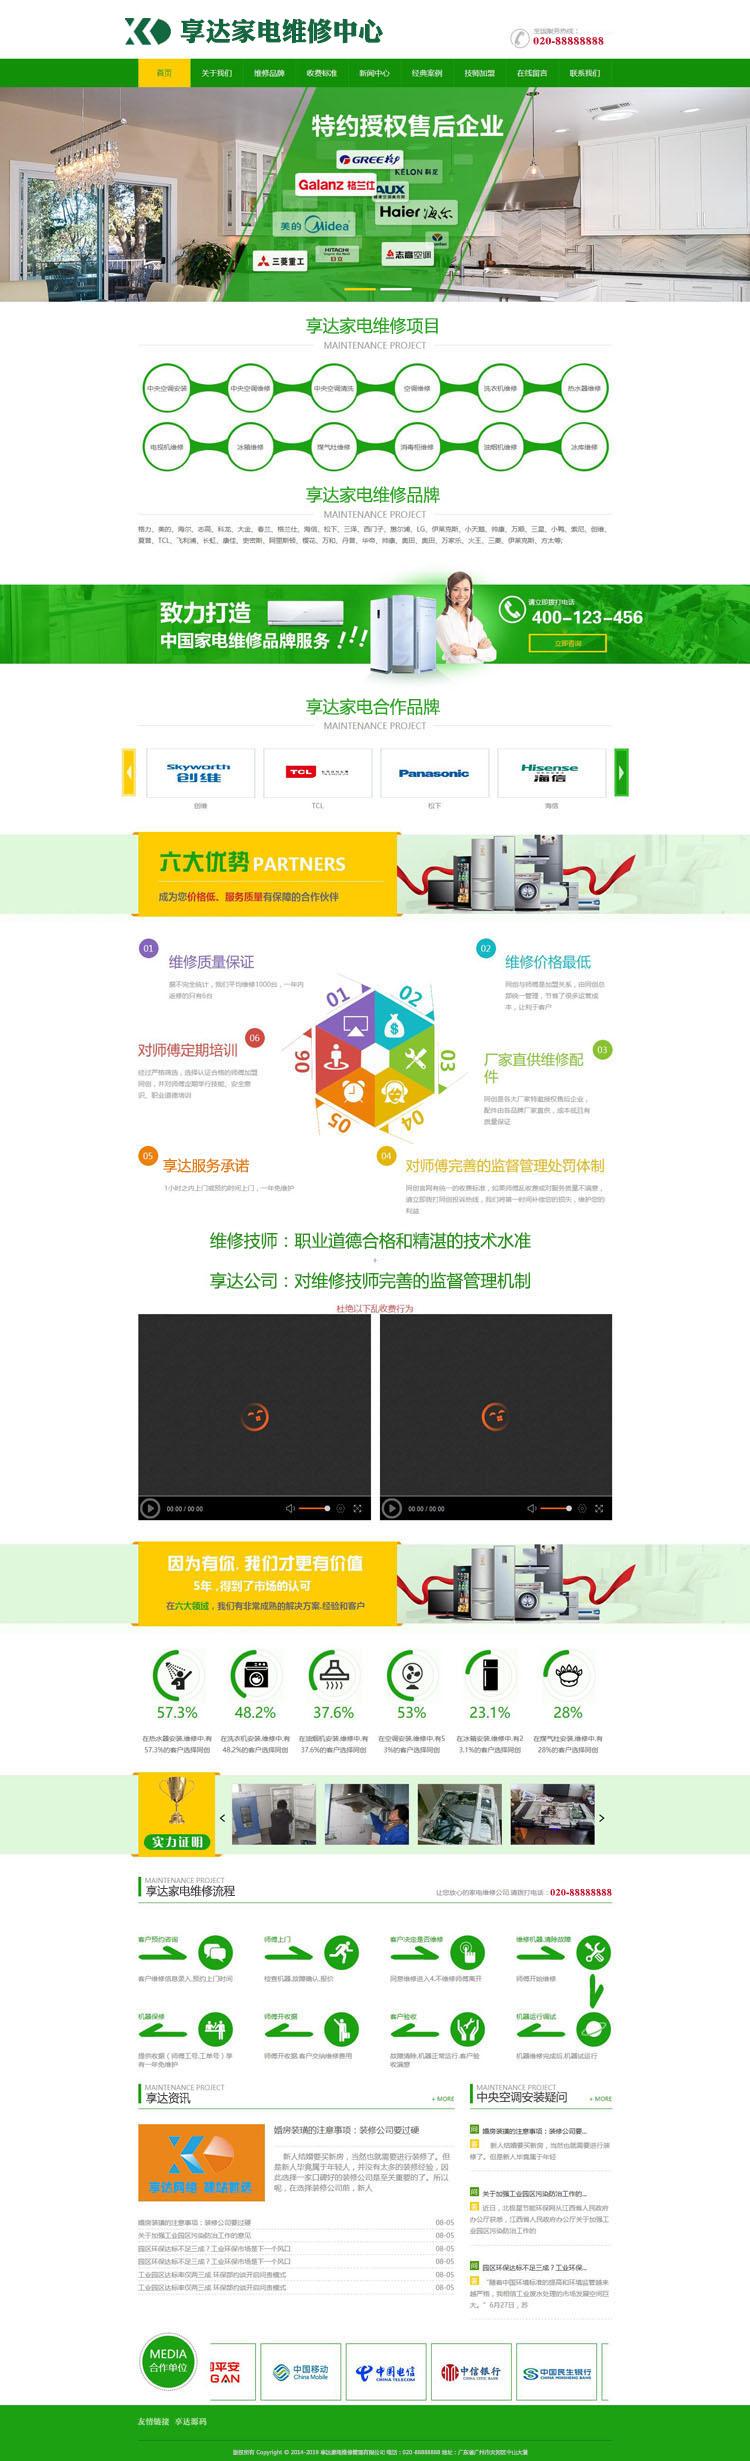 北京家电维修行业温州制作 | 电器维修服务公司温州设计